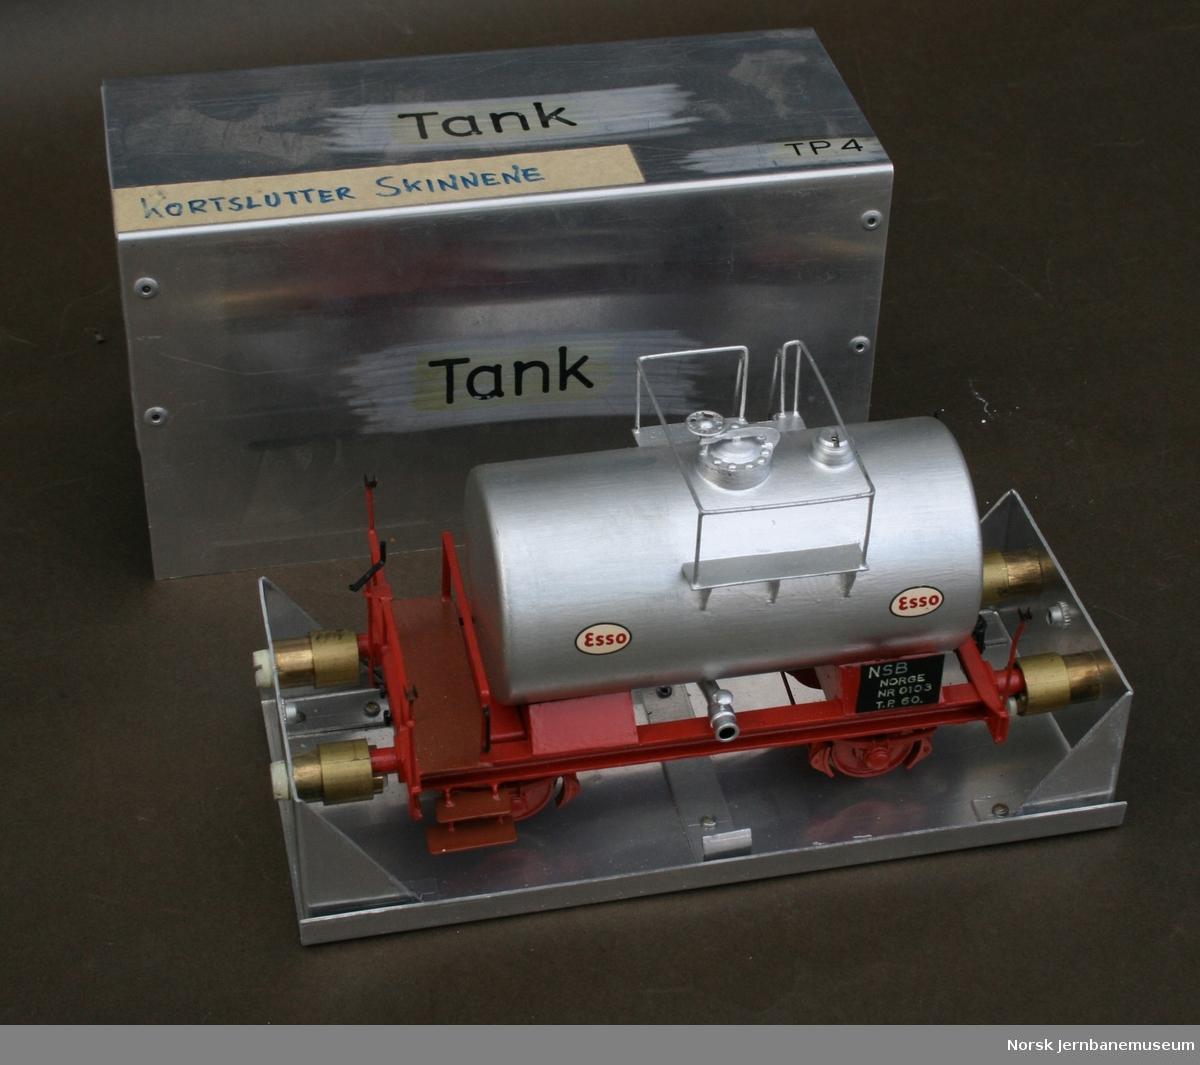 """Modellbyggers egen beskrivelse: Tankvogn """"skandinavisk type"""". Sporvidde 32 mm, skala 0. Modellstørrelse 1:48. Isolerte hjul for 2-skinnedrift, automatkobbel av egen konstruksjon. I egenprodusert metallboks."""